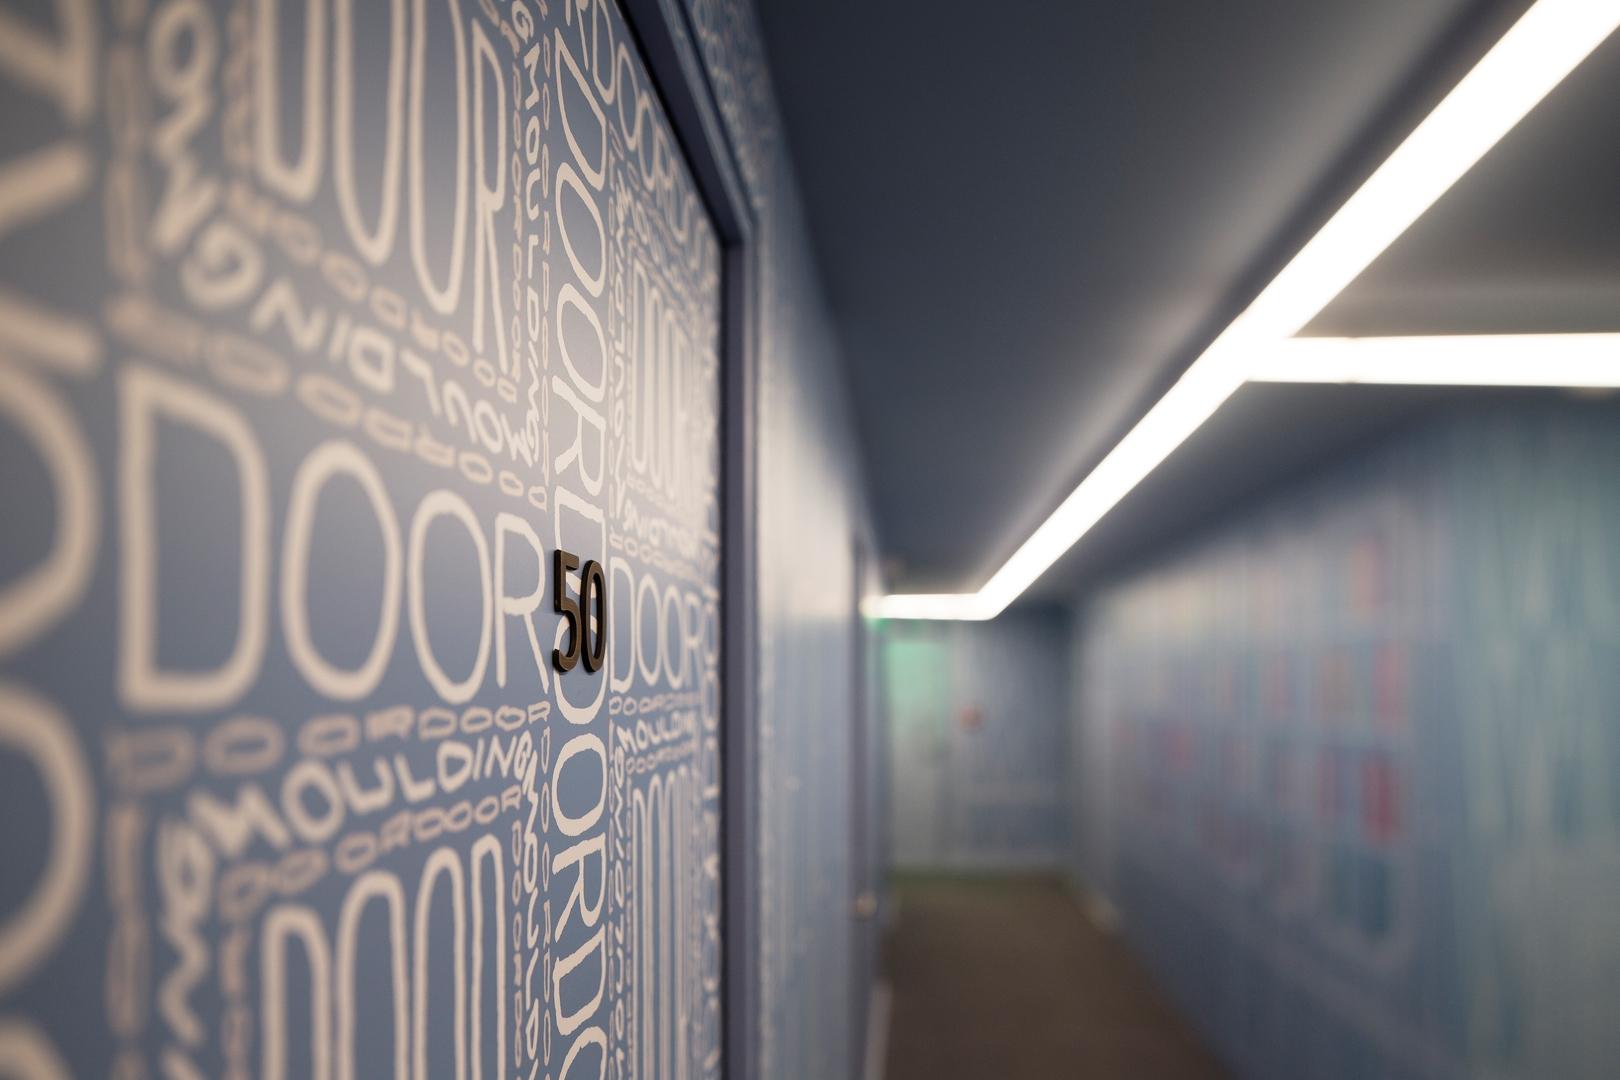 Couloir-Lek&Sowat (2) (Copy)